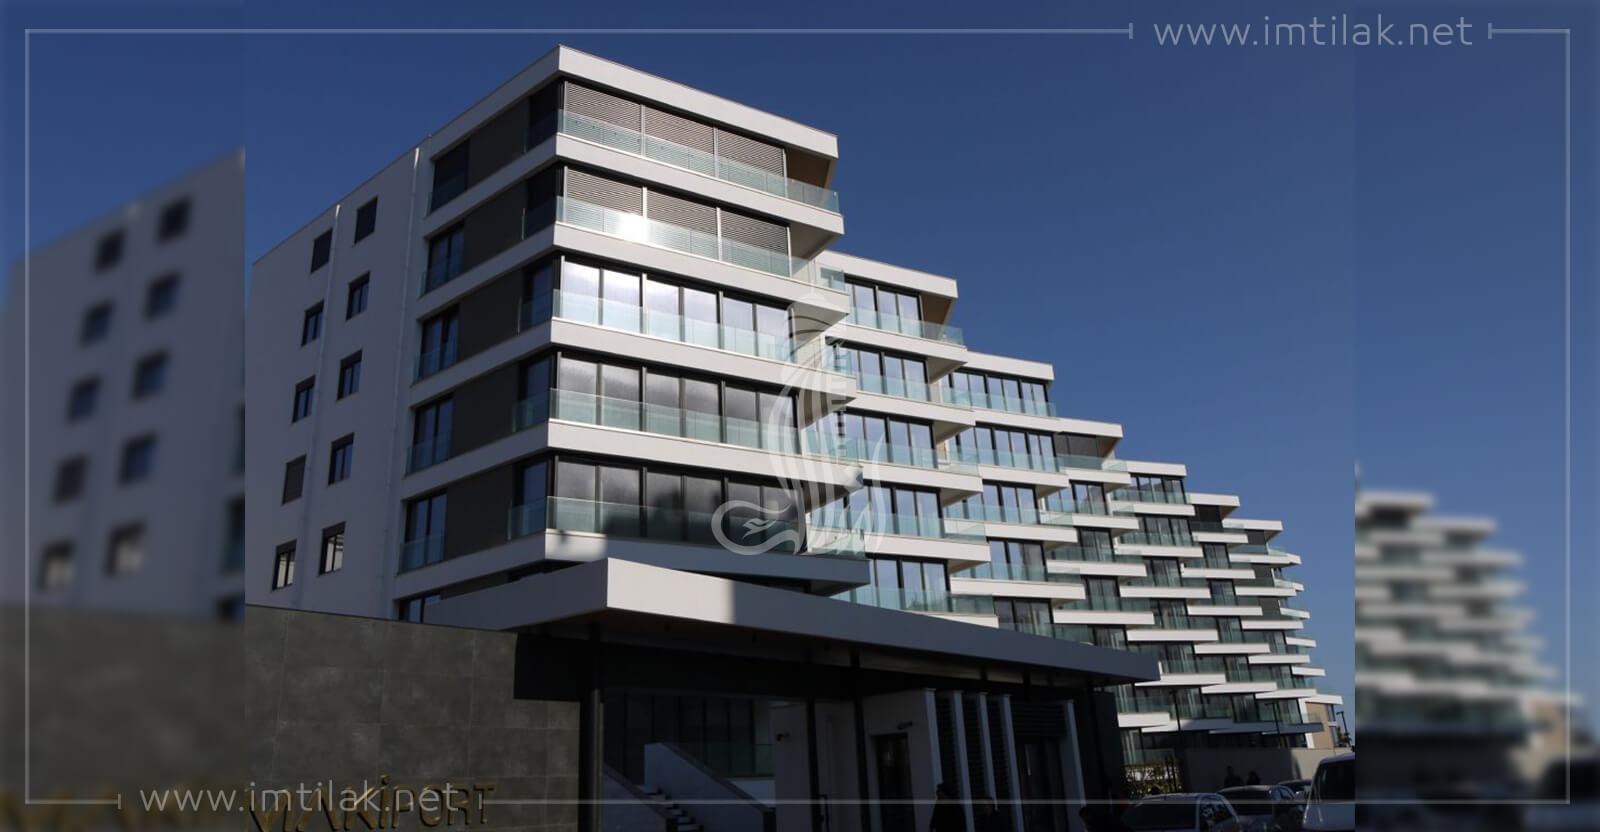 Résidence Maki-port IMT-784